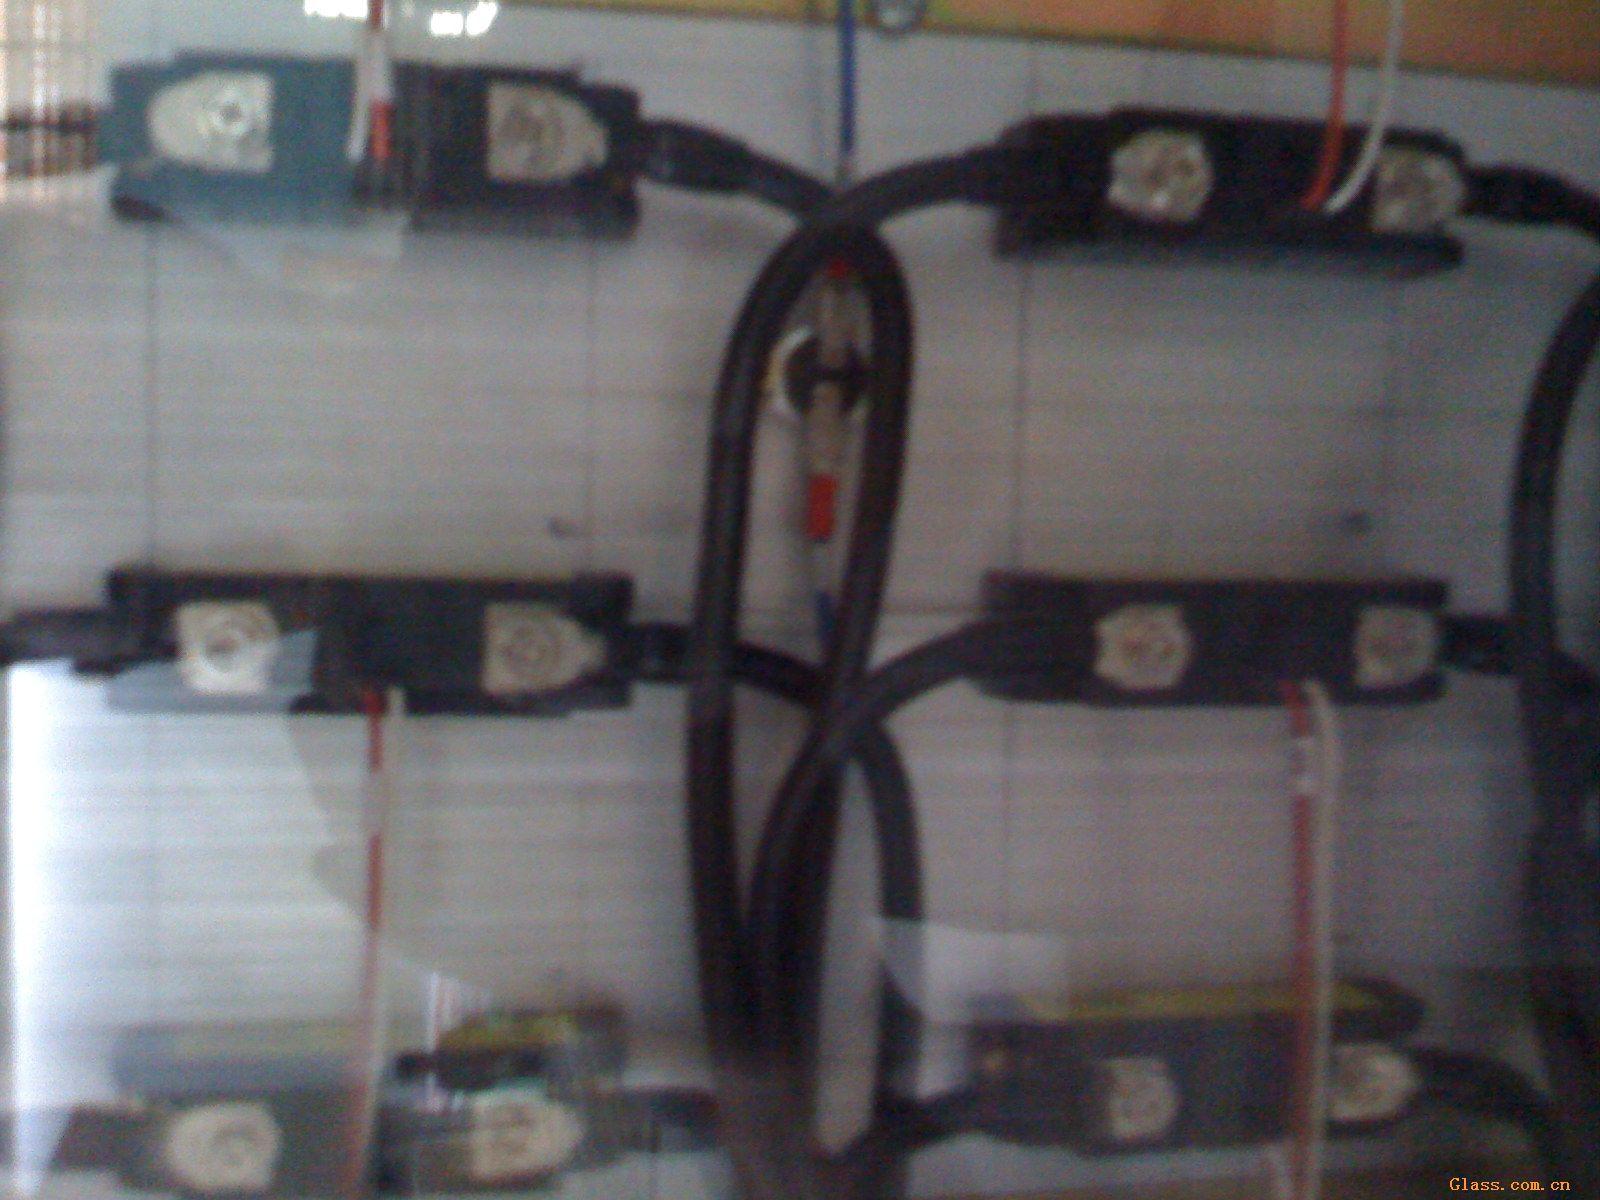 玻璃生产设备 > 供应固态继电器  发布时间: 2011年06月12日 有效期至